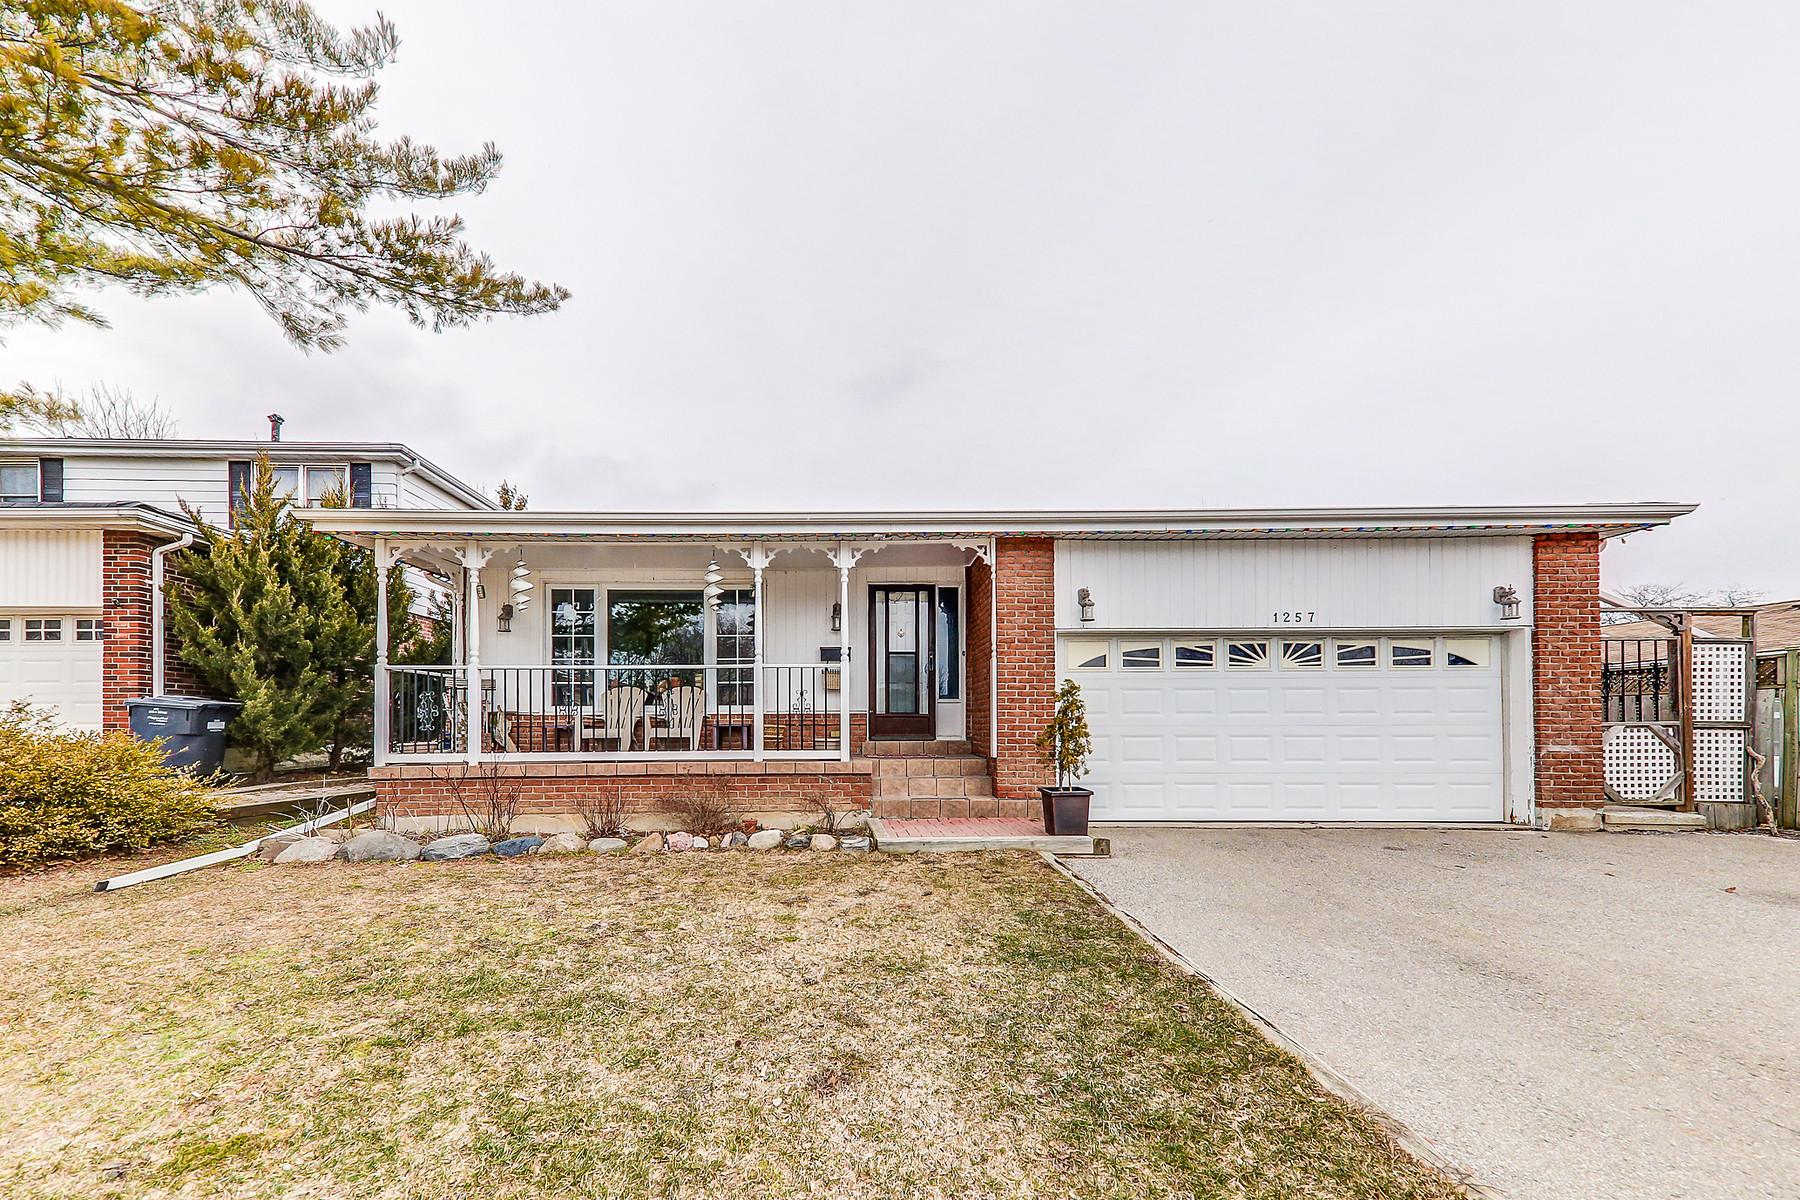 Maison unifamiliale pour l Vente à Gorgeous Four Level Backsplit 1257 Tredmore Dr, Mississauga, Ontario, L5J3V5 Canada